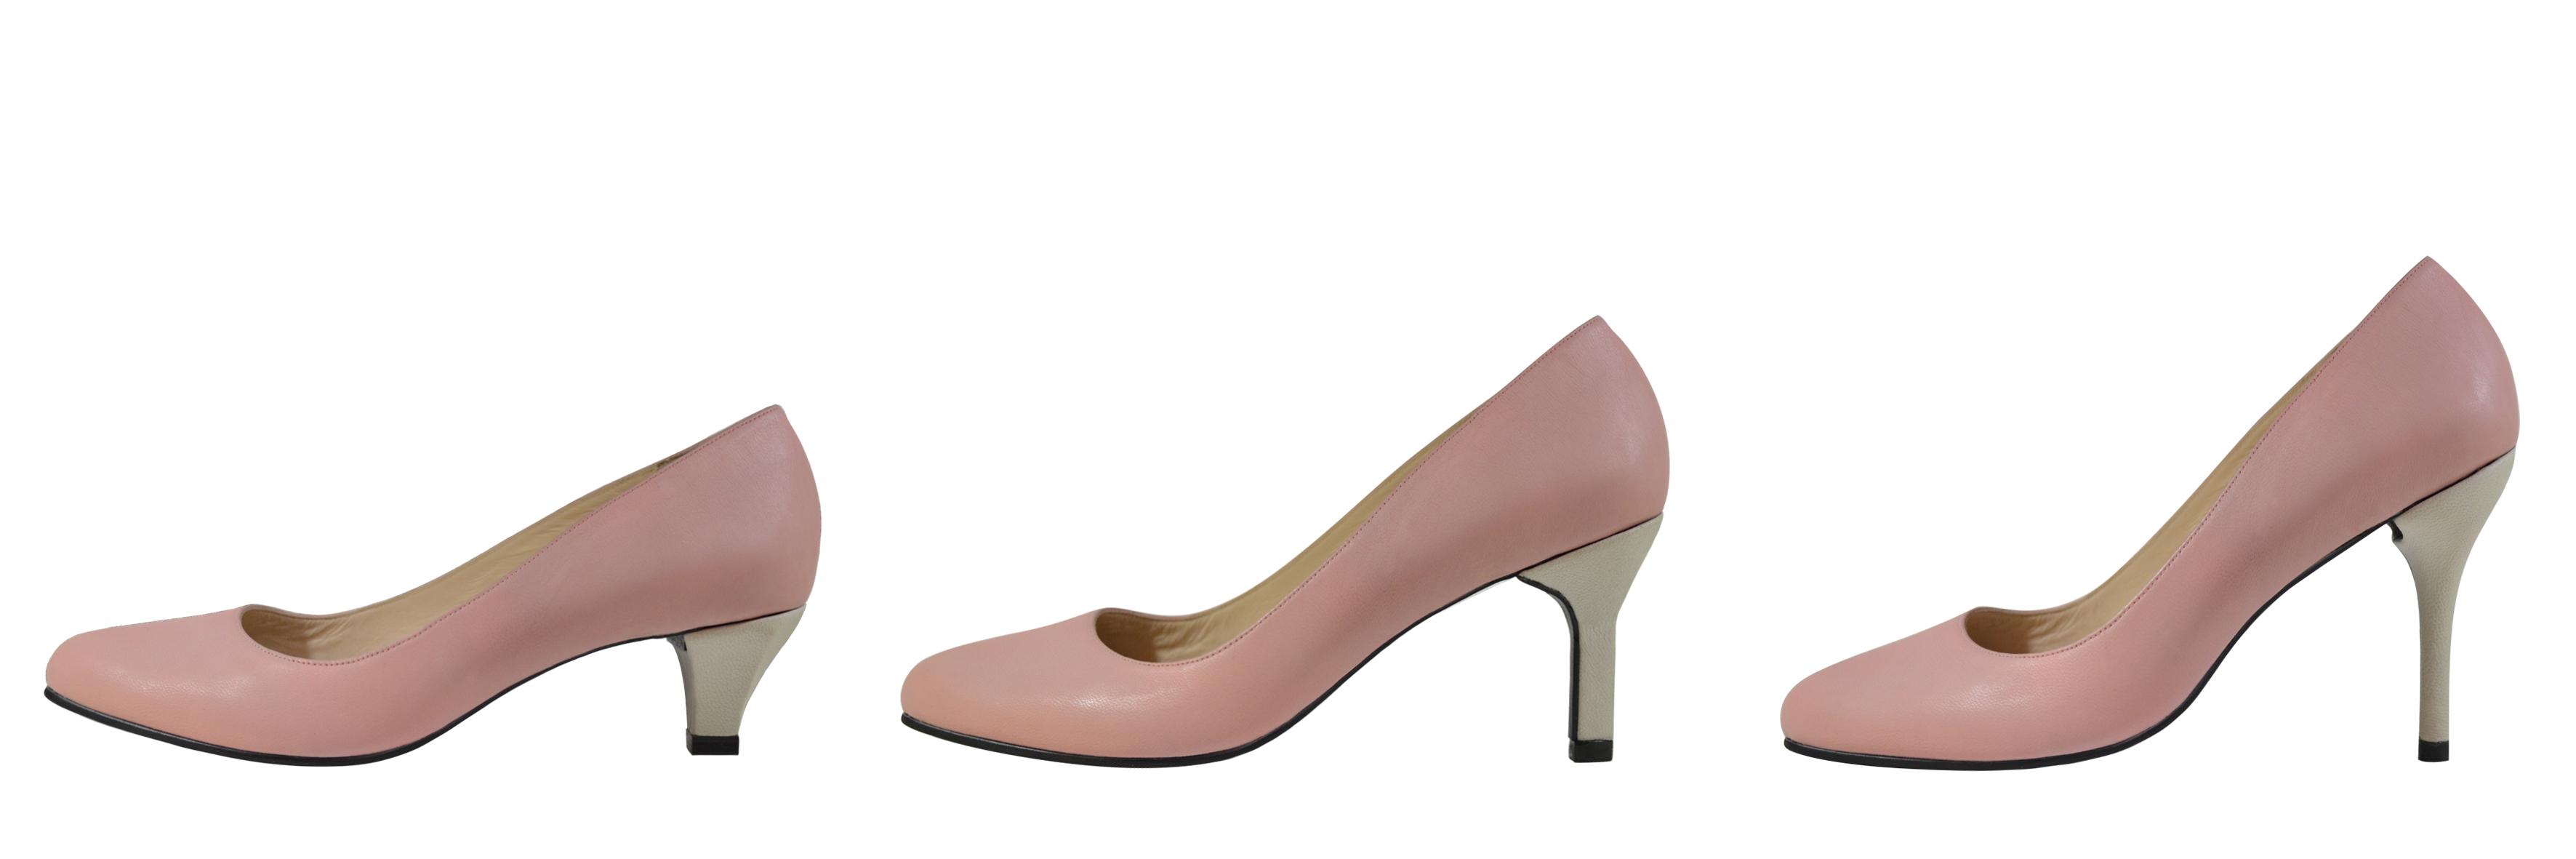 petit talons, talon fins, ou talons hauts, avec alegory adaptez vos chaussures à la situation